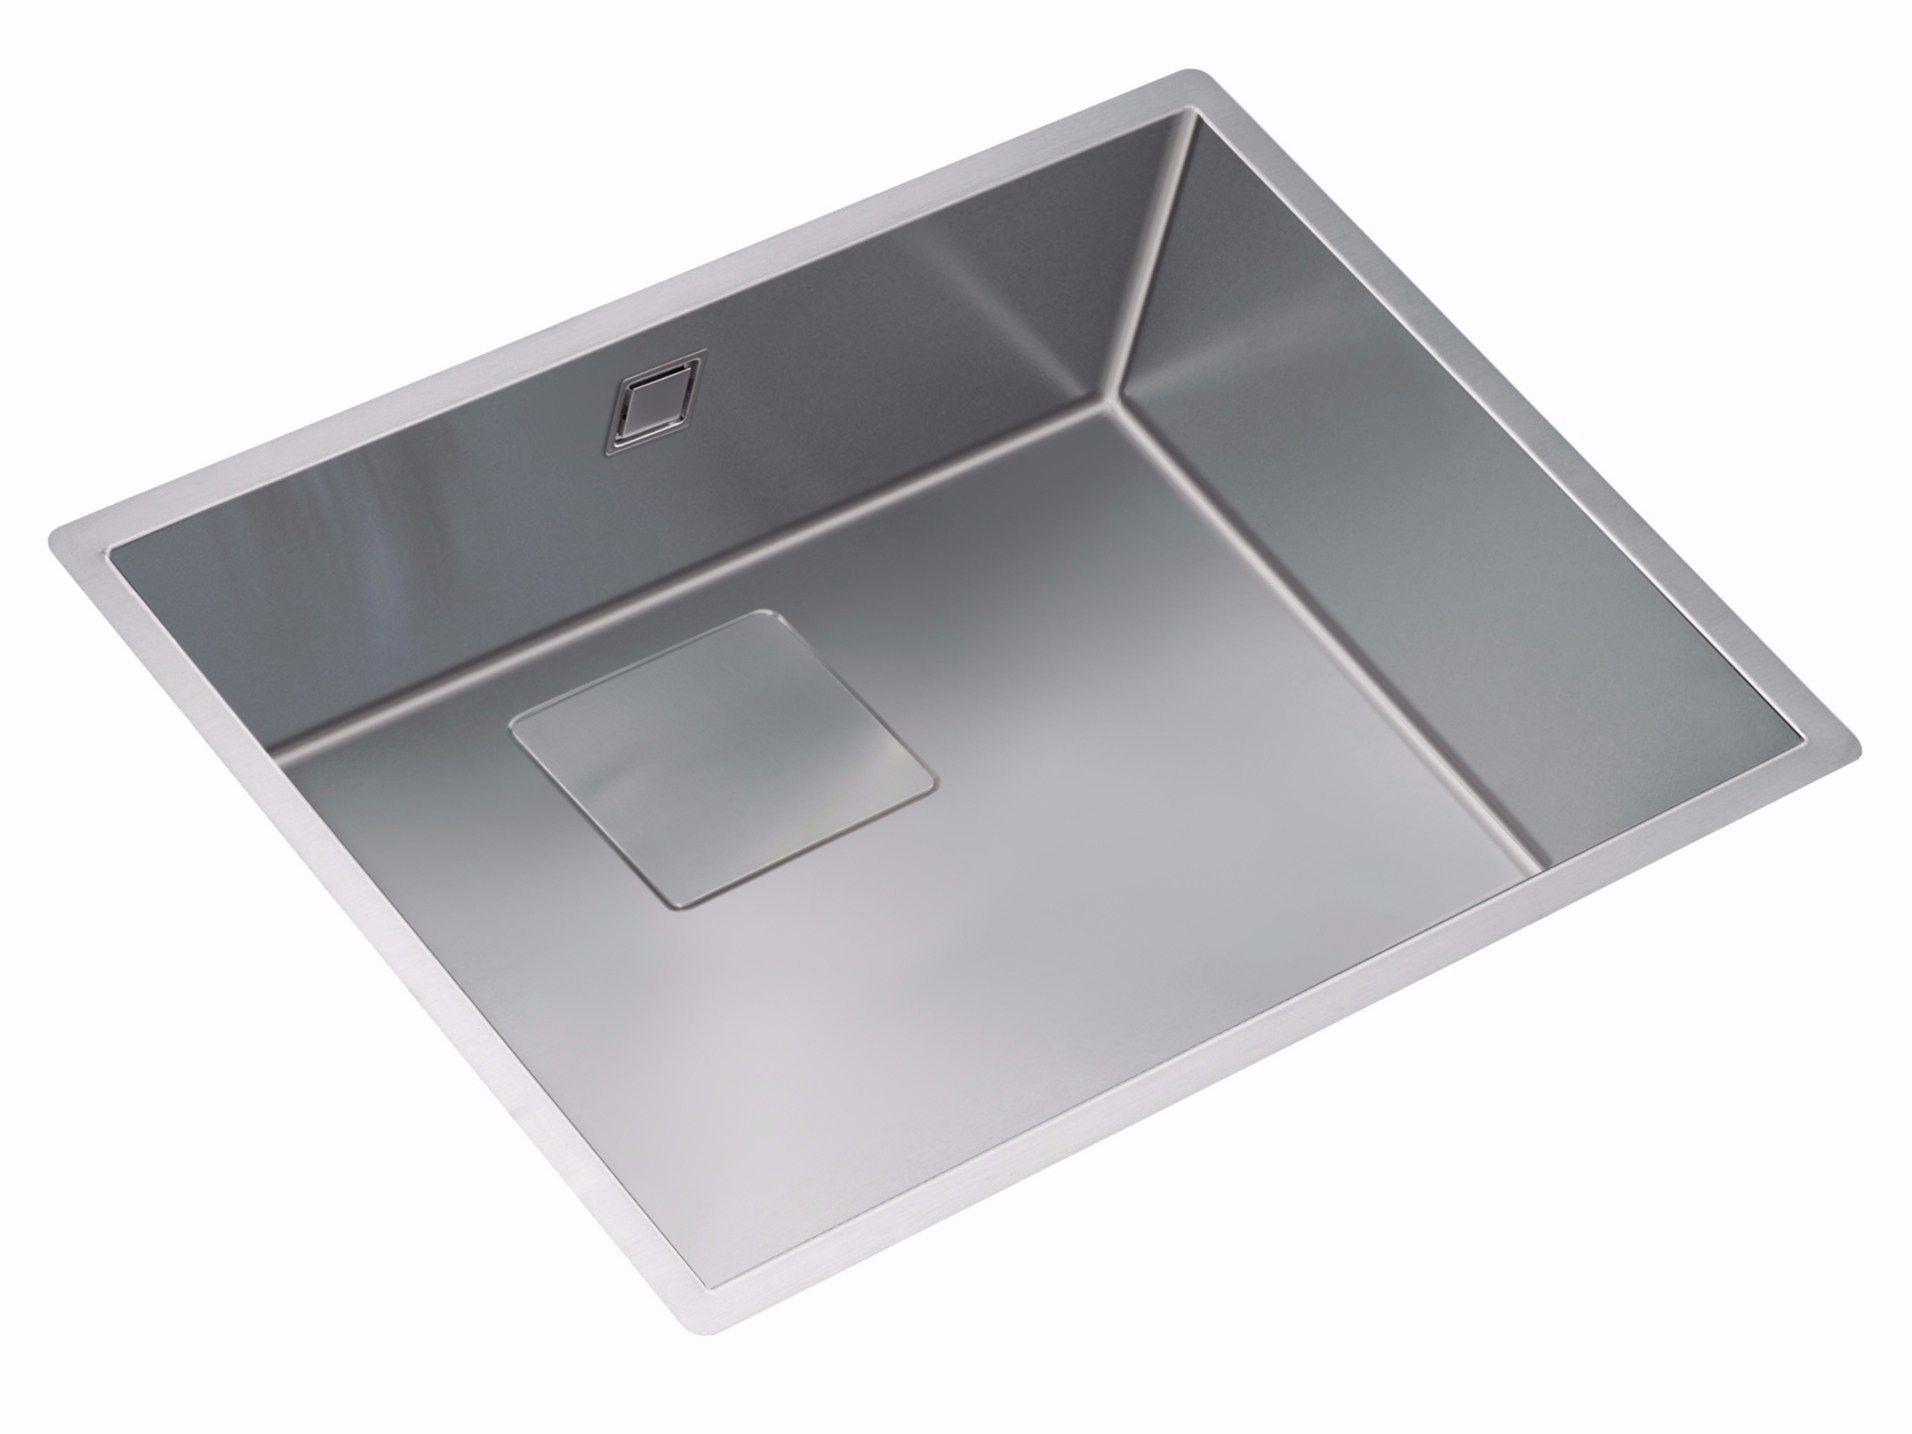 Blanco zerox 700 u stainless steel undermount sink - Blanco Zerox 700 U Stainless Steel Undermount Sink 29